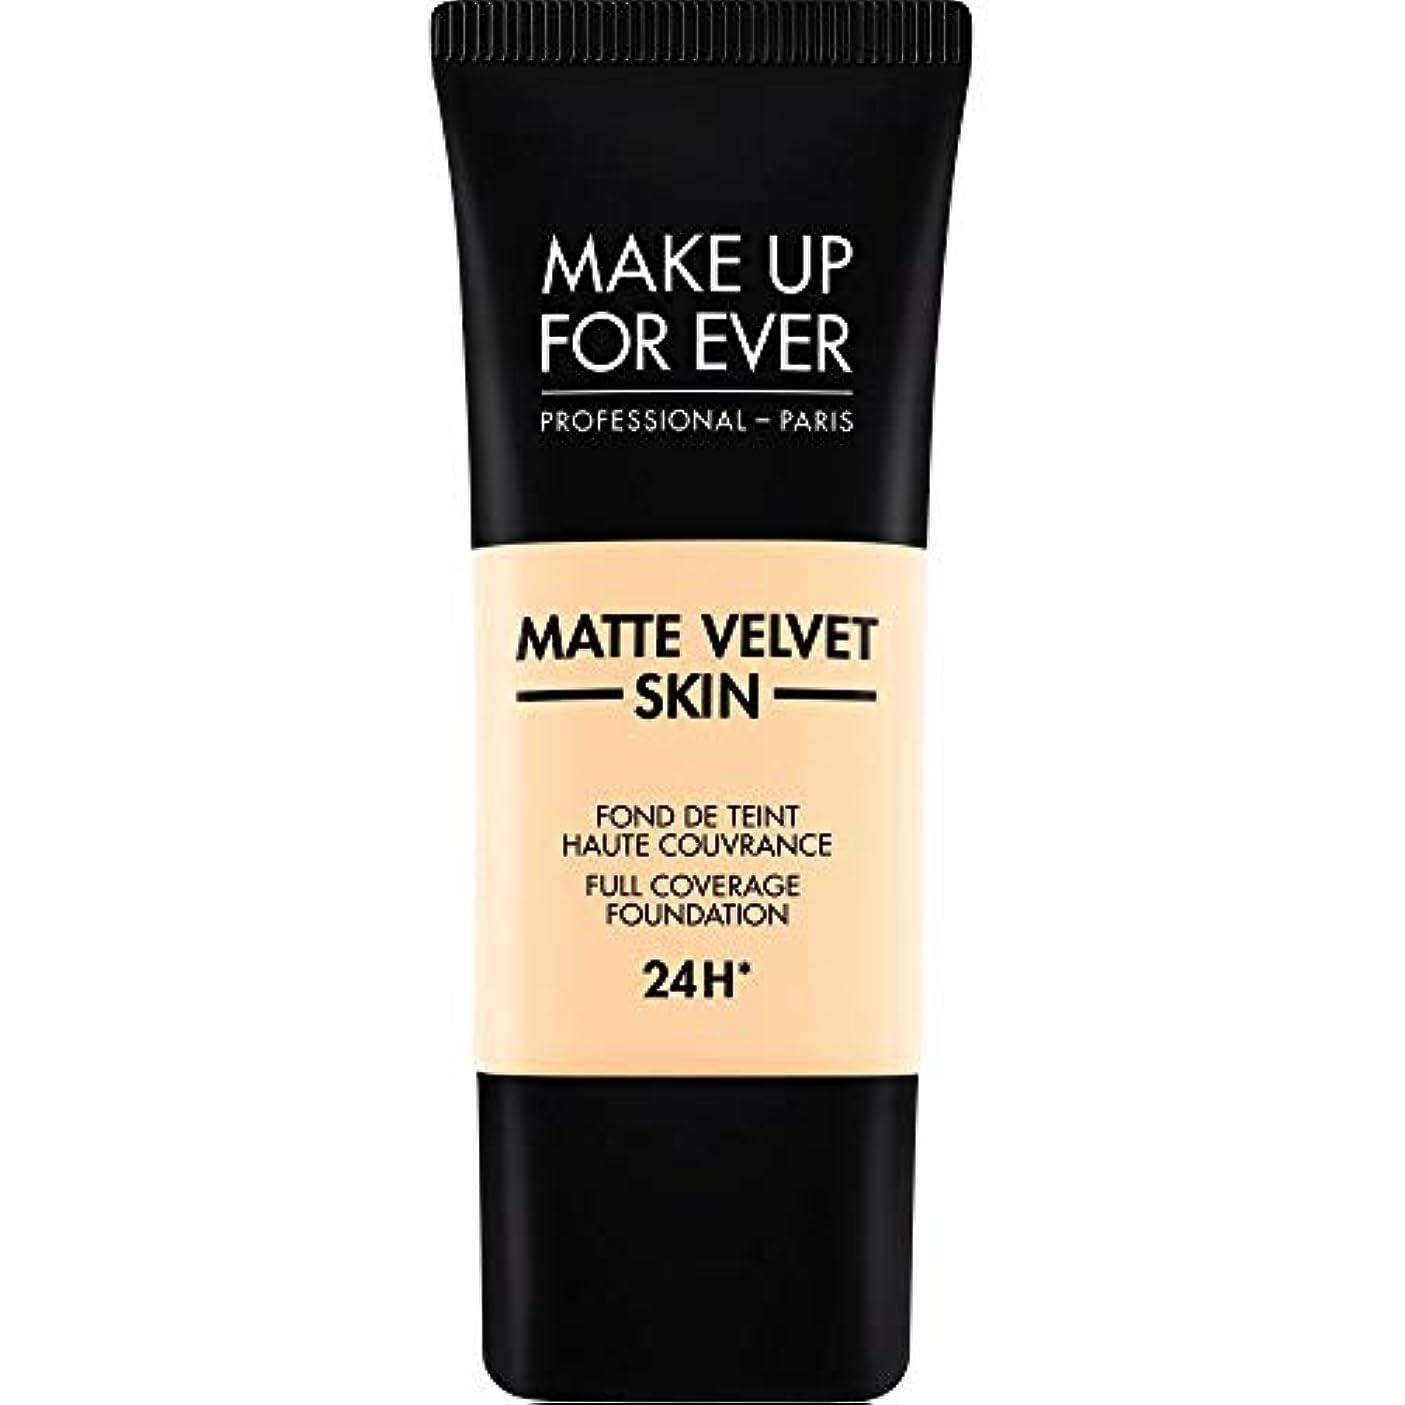 援助する創造強制的[MAKE UP FOR EVER] 黄アラバスター - これまでマットベルベットの皮膚のフルカバレッジ基礎30ミリリットルのY215を補います - MAKE UP FOR EVER Matte Velvet Skin...